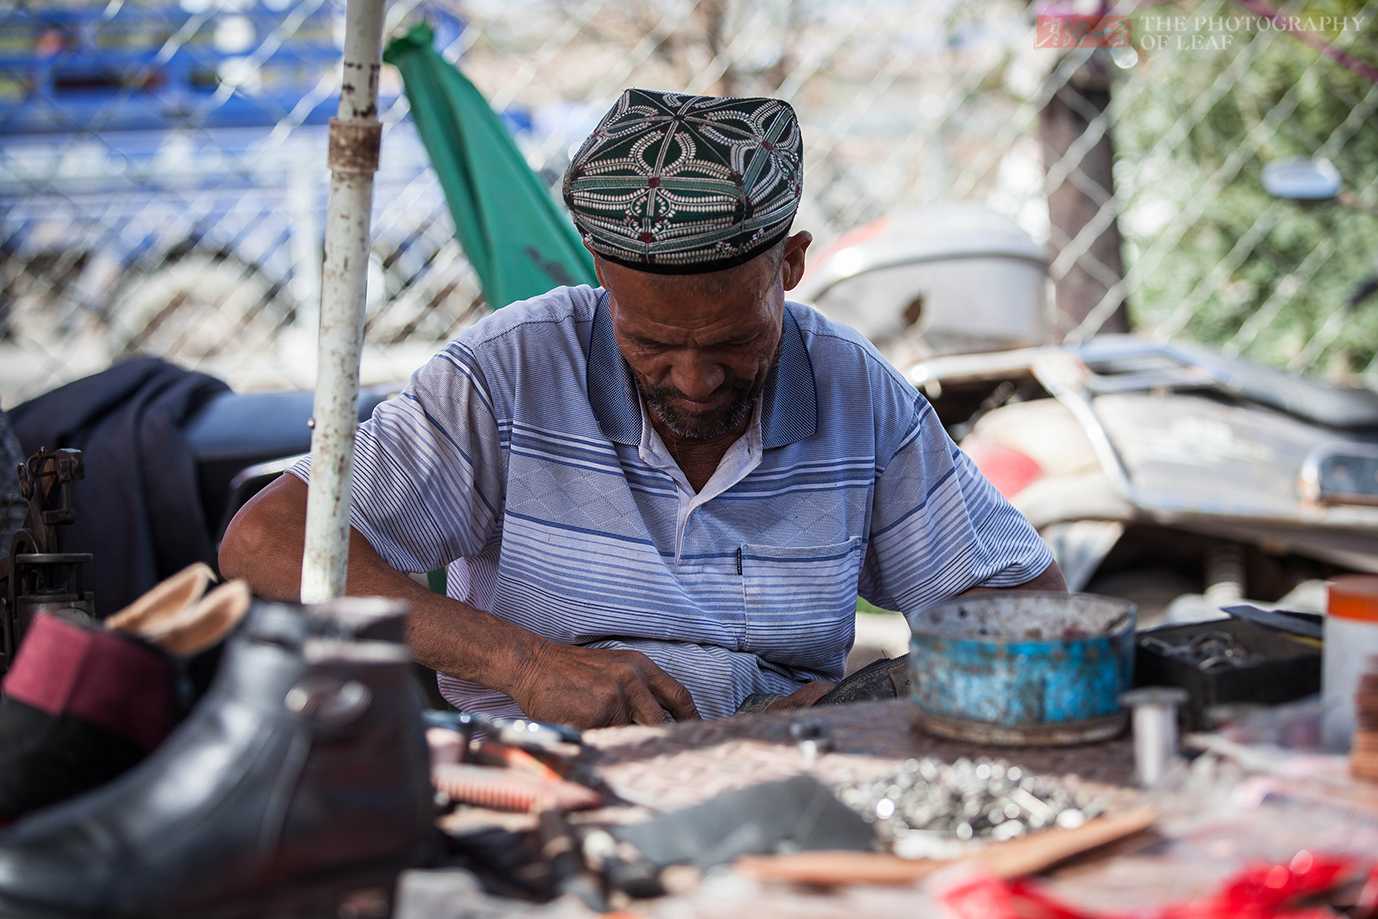 巴楚周日巴扎,感受普通新疆市民生活 - 寒残一叶 - 寒残一叶的博客